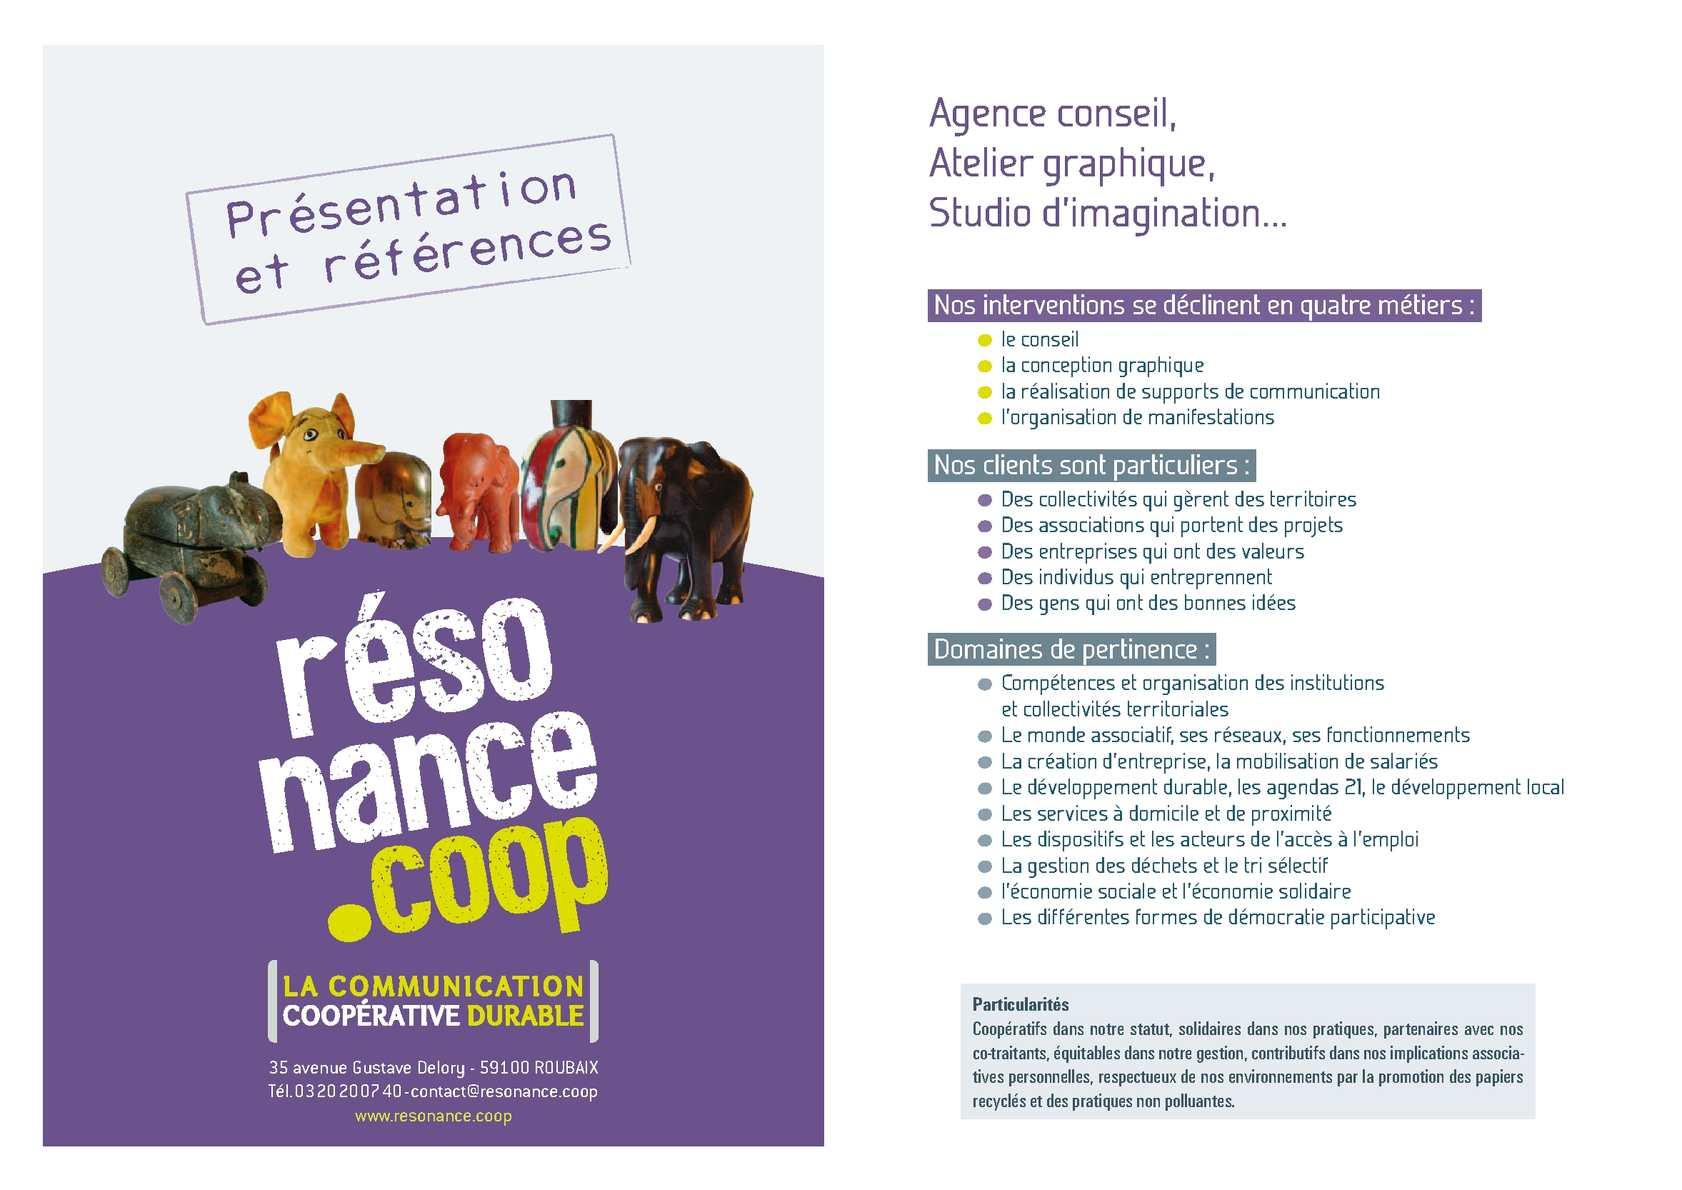 Agence De Communication Roubaix calaméo - résonance plaquette références 2012